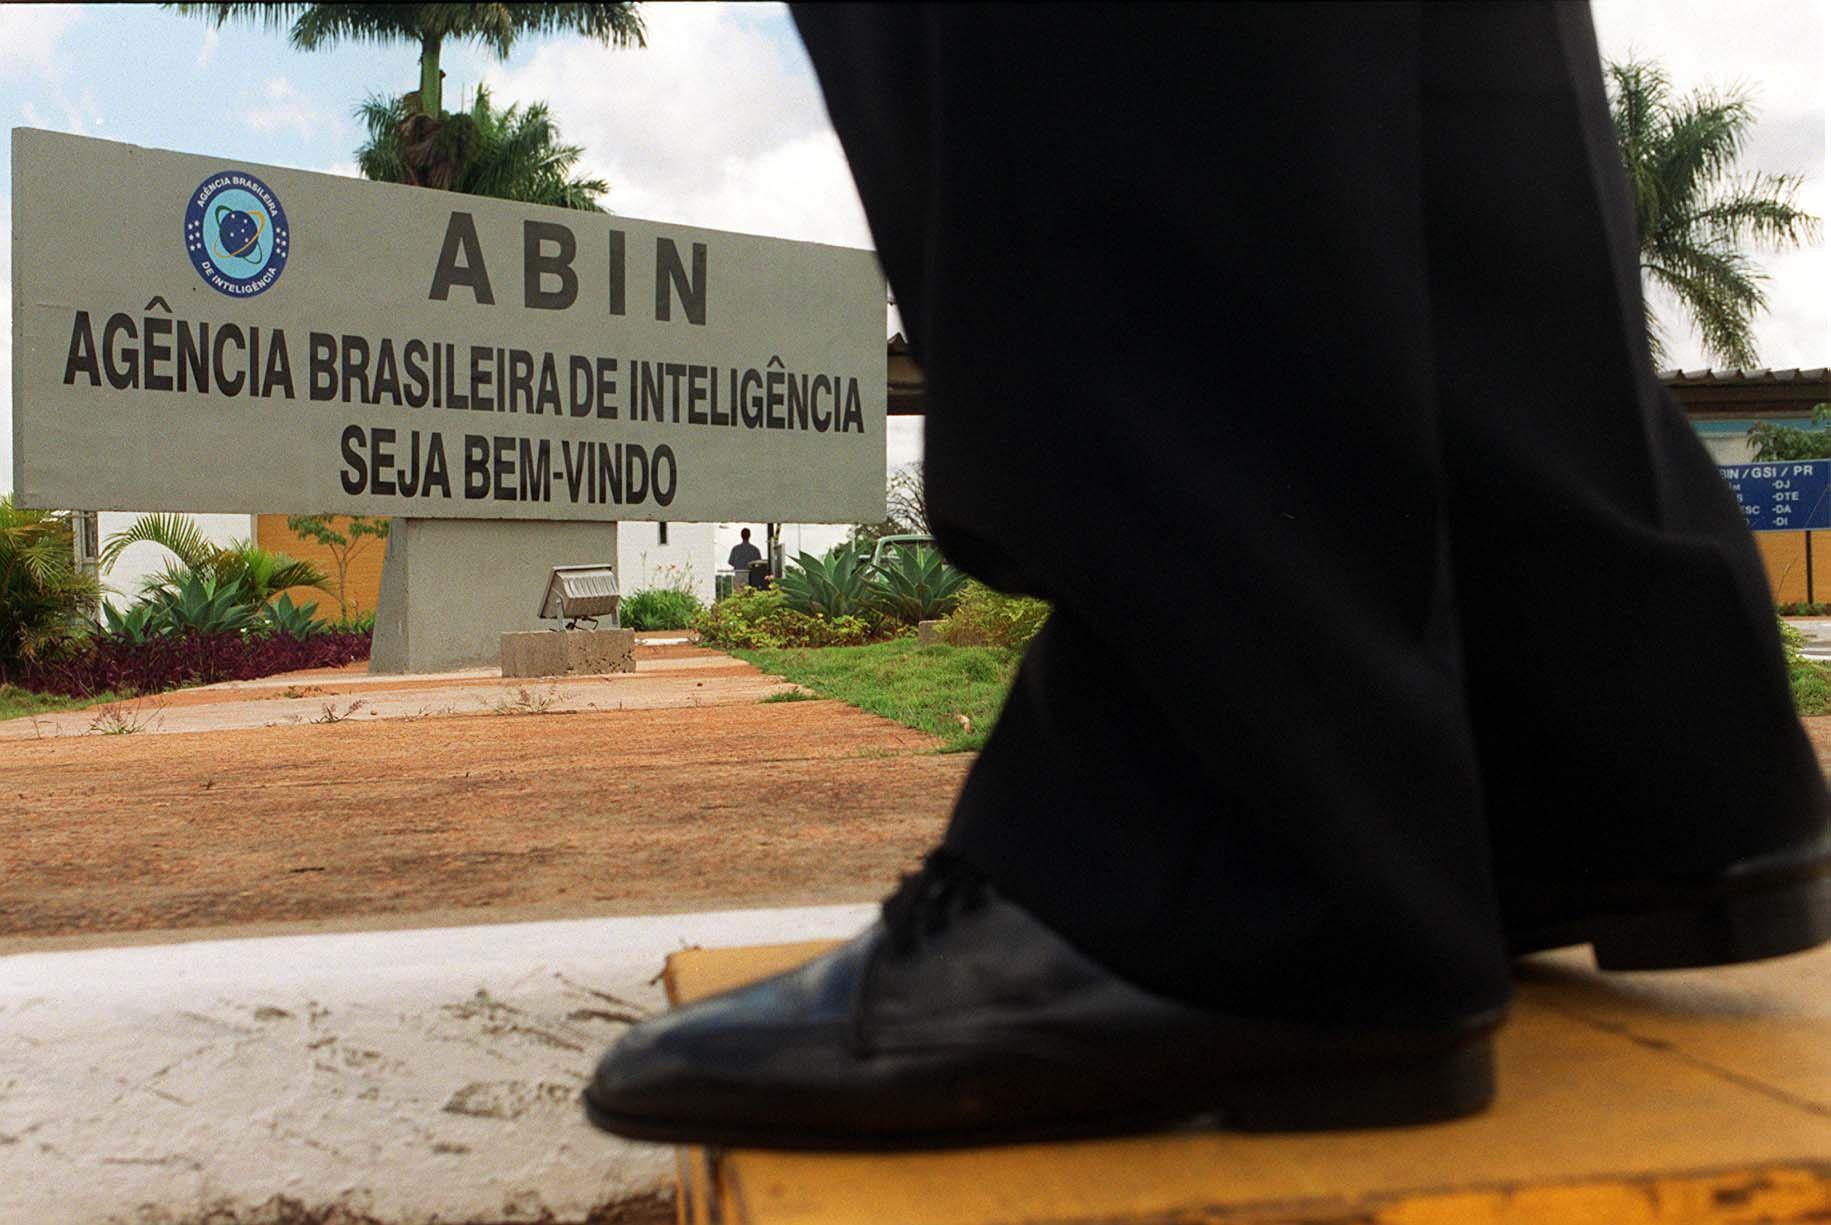 As vagas para a Abin estão dividas em: oficiais técnico, oficiais e agentes de intligência / Dida Sampaio/Estadão Conteúdo